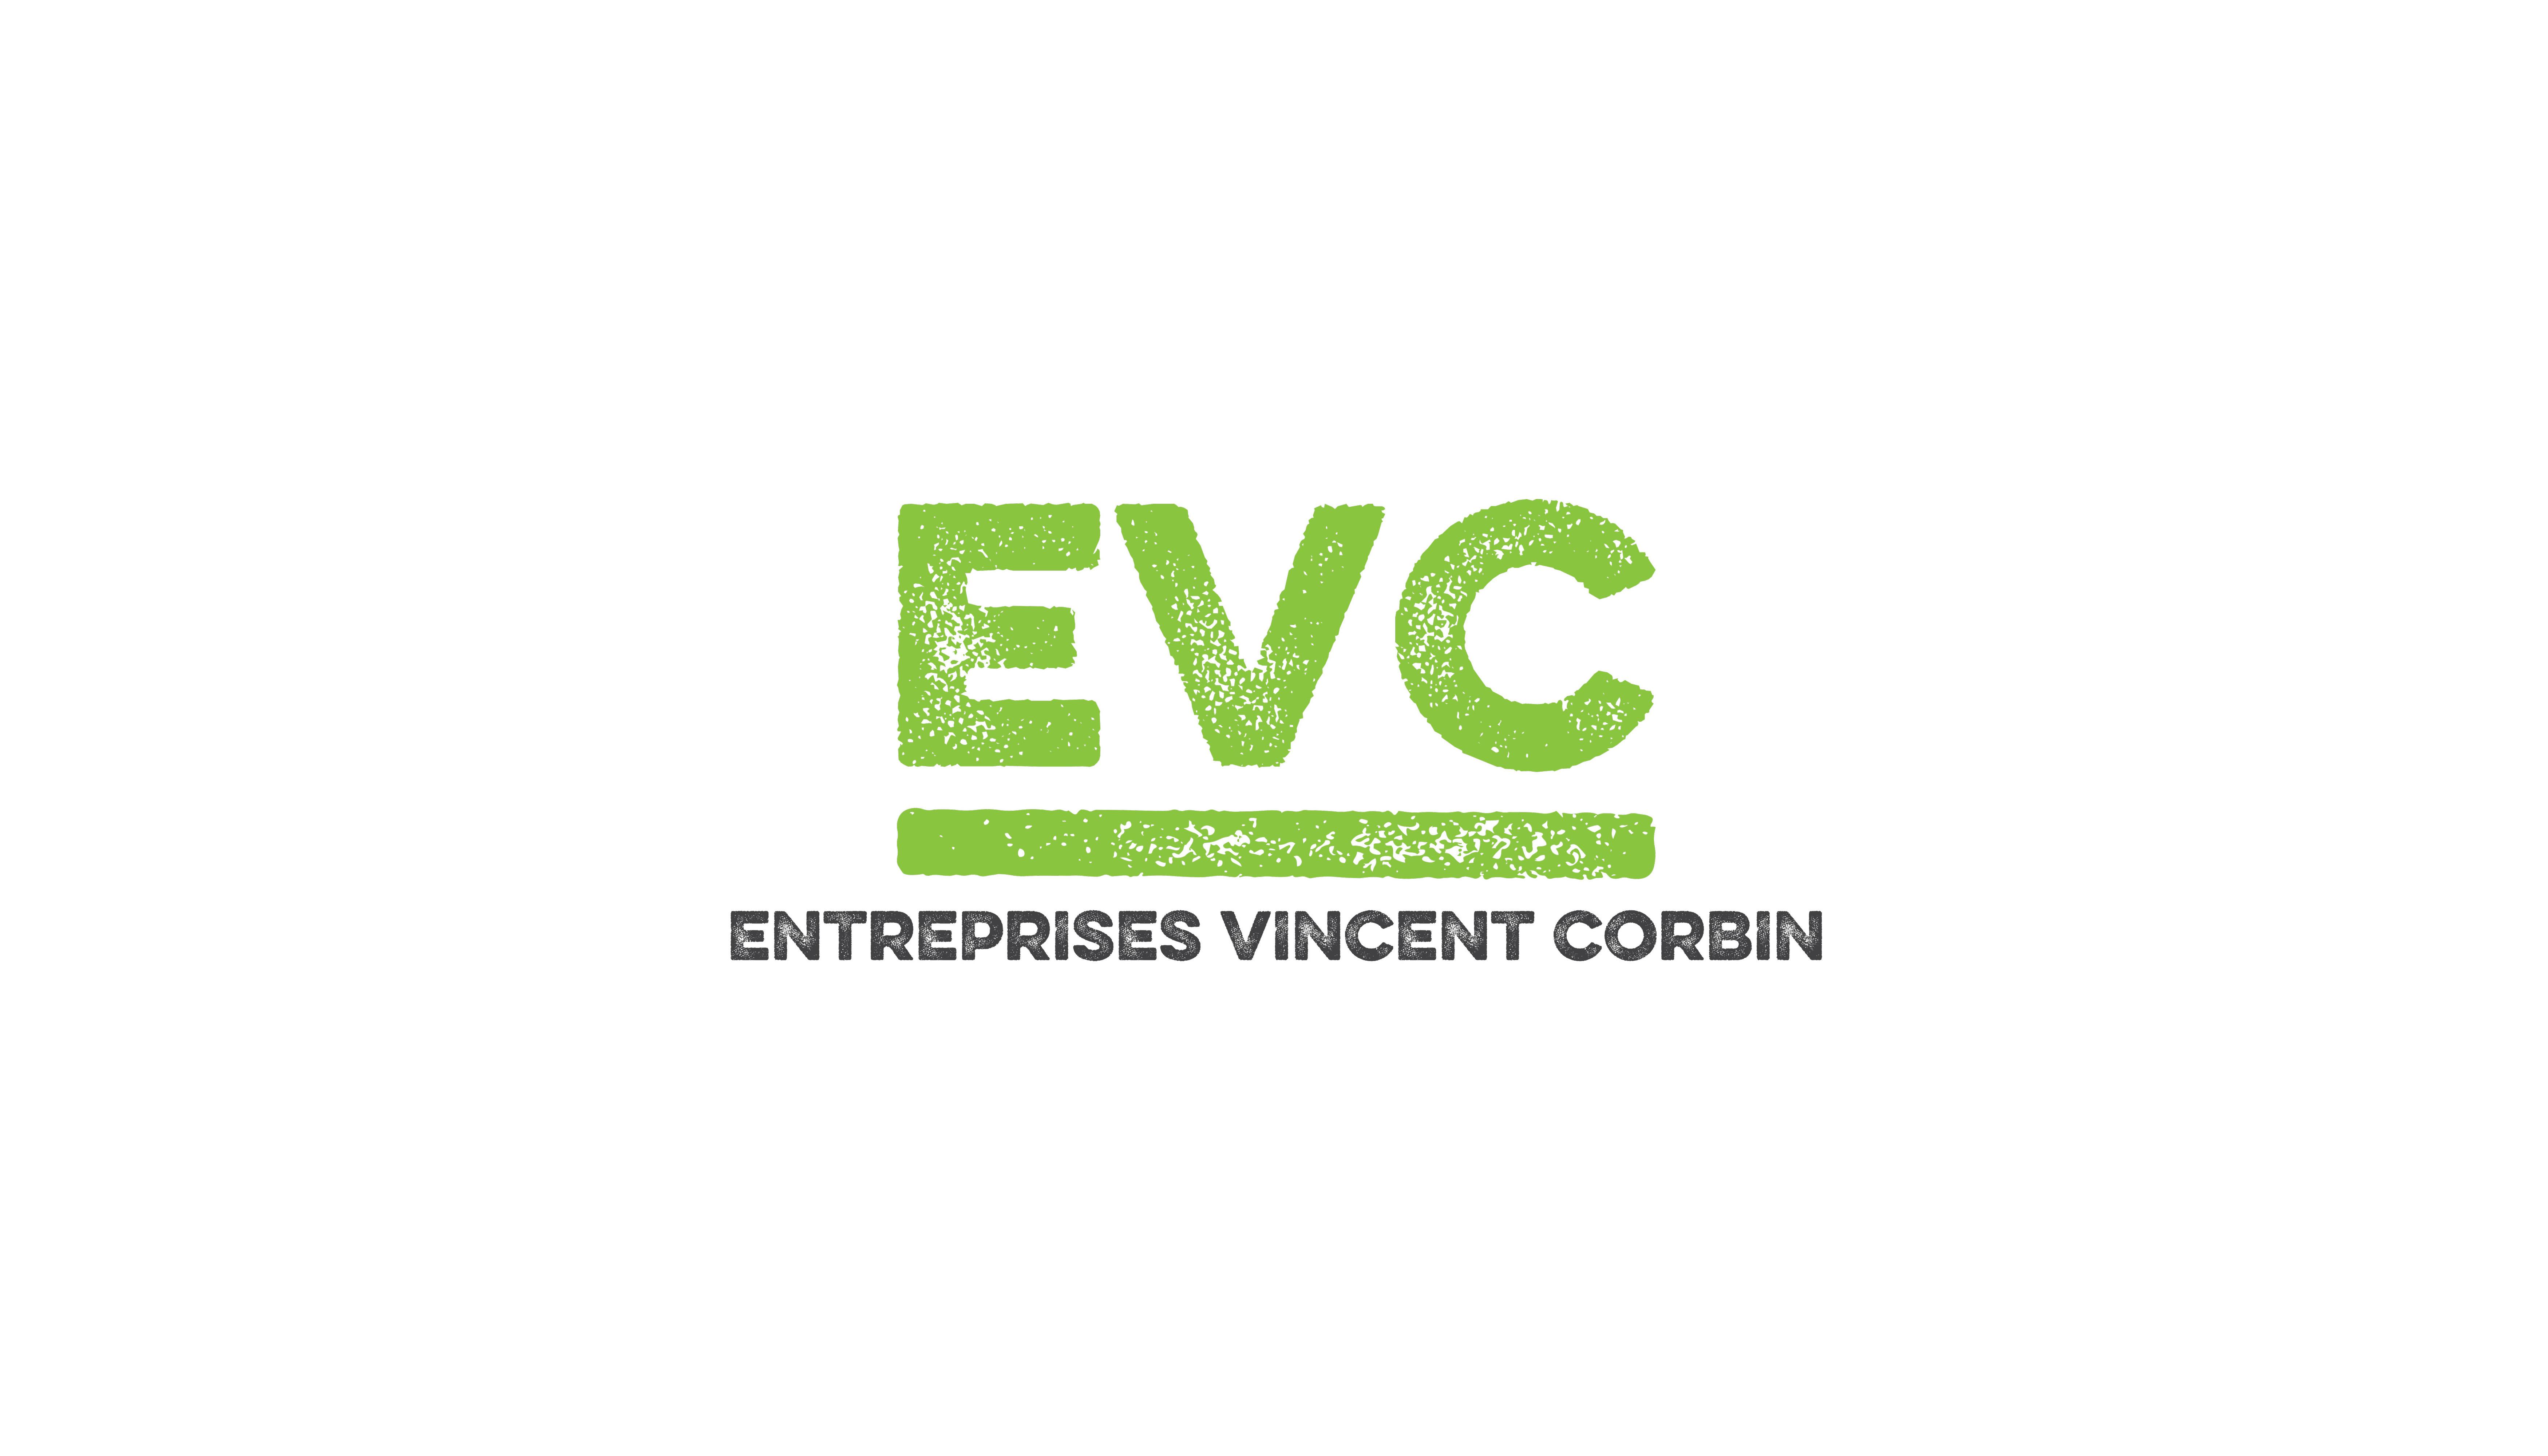 Entreprises Vincent Corbin inc.